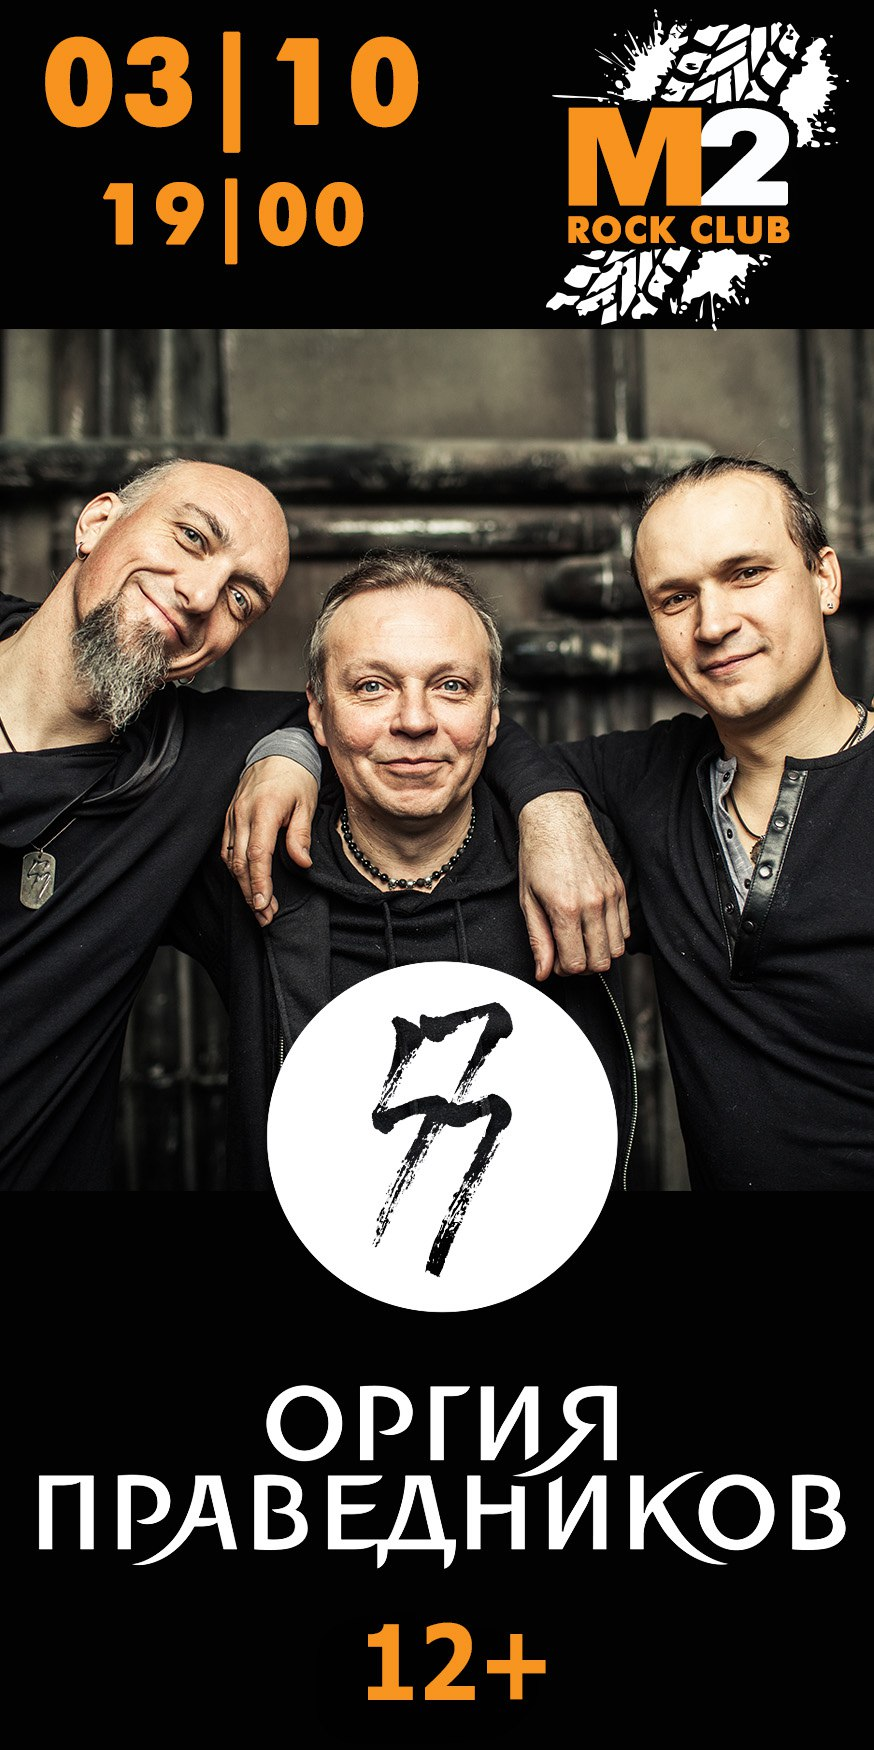 orgiya-pravednikov-voronezh